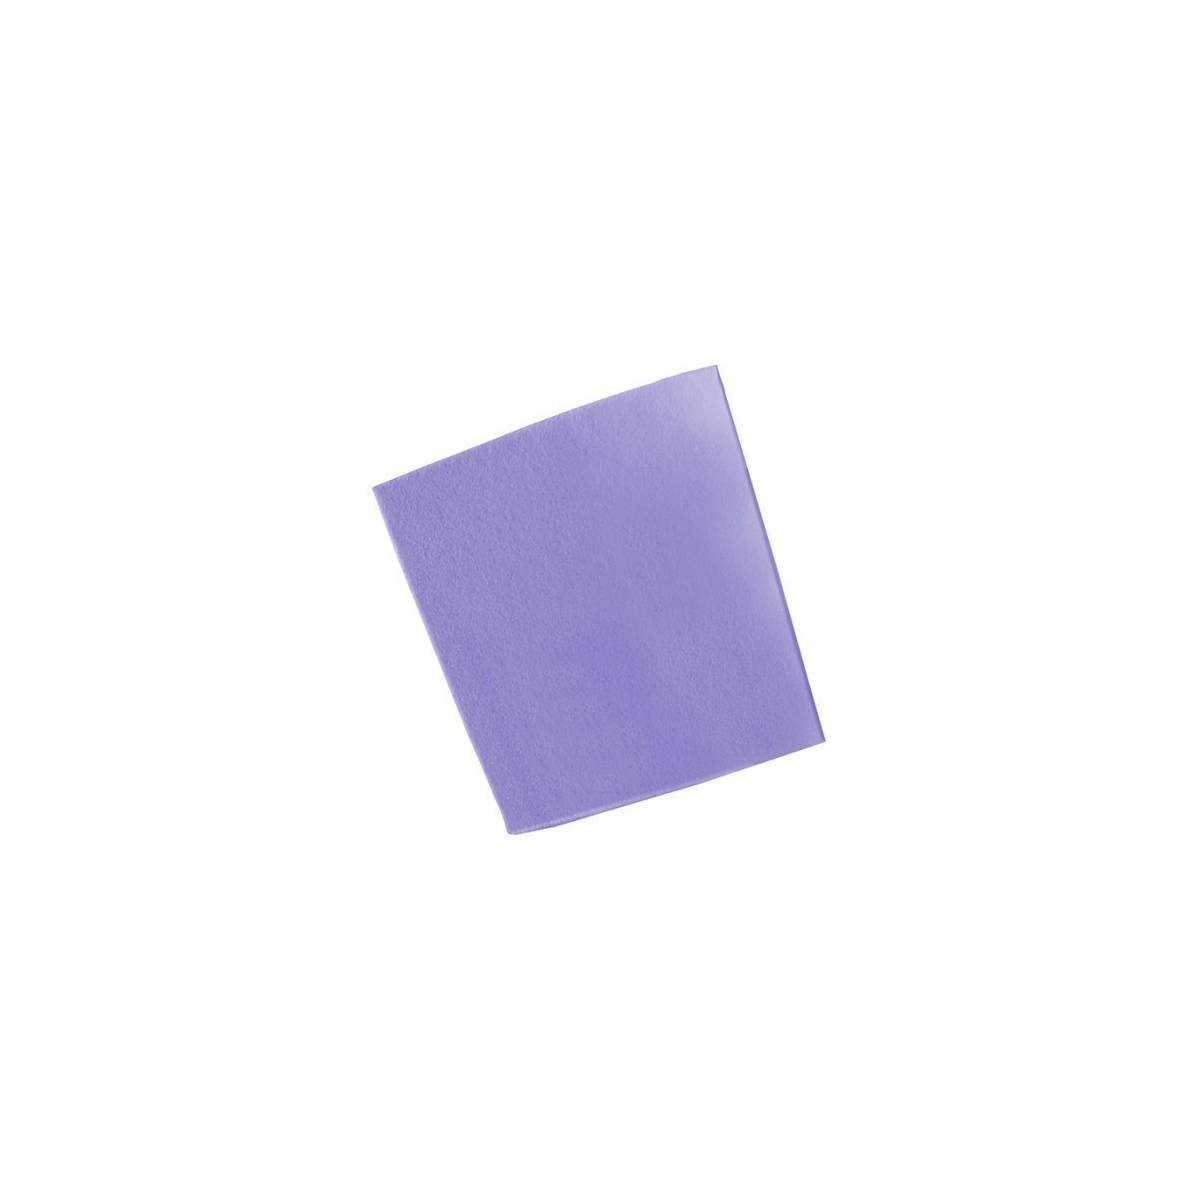 Салфетки универсальные Free-T 10шт. (Пастельно-фиолетовые) TCH601020 TTS